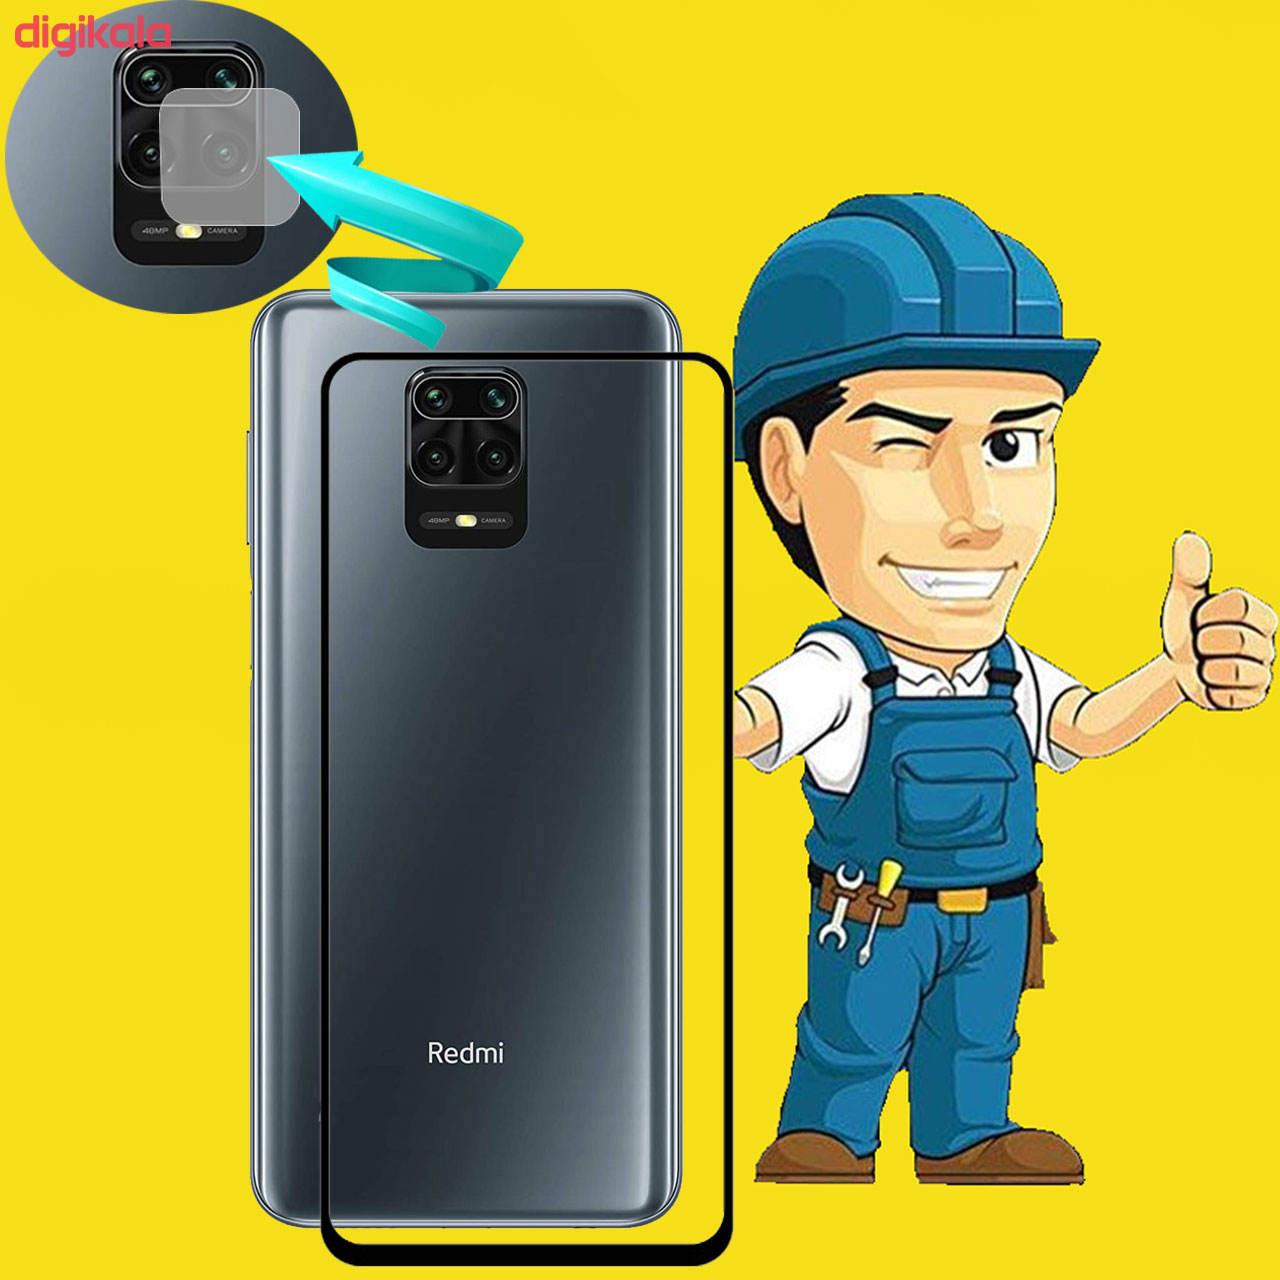 محافظ صفحه نمايش مدل FLGSP مناسب برای گوشی موبایل شیائومی Redmi Note 9 Pro به همراه محافظ لنز دوربین main 1 1